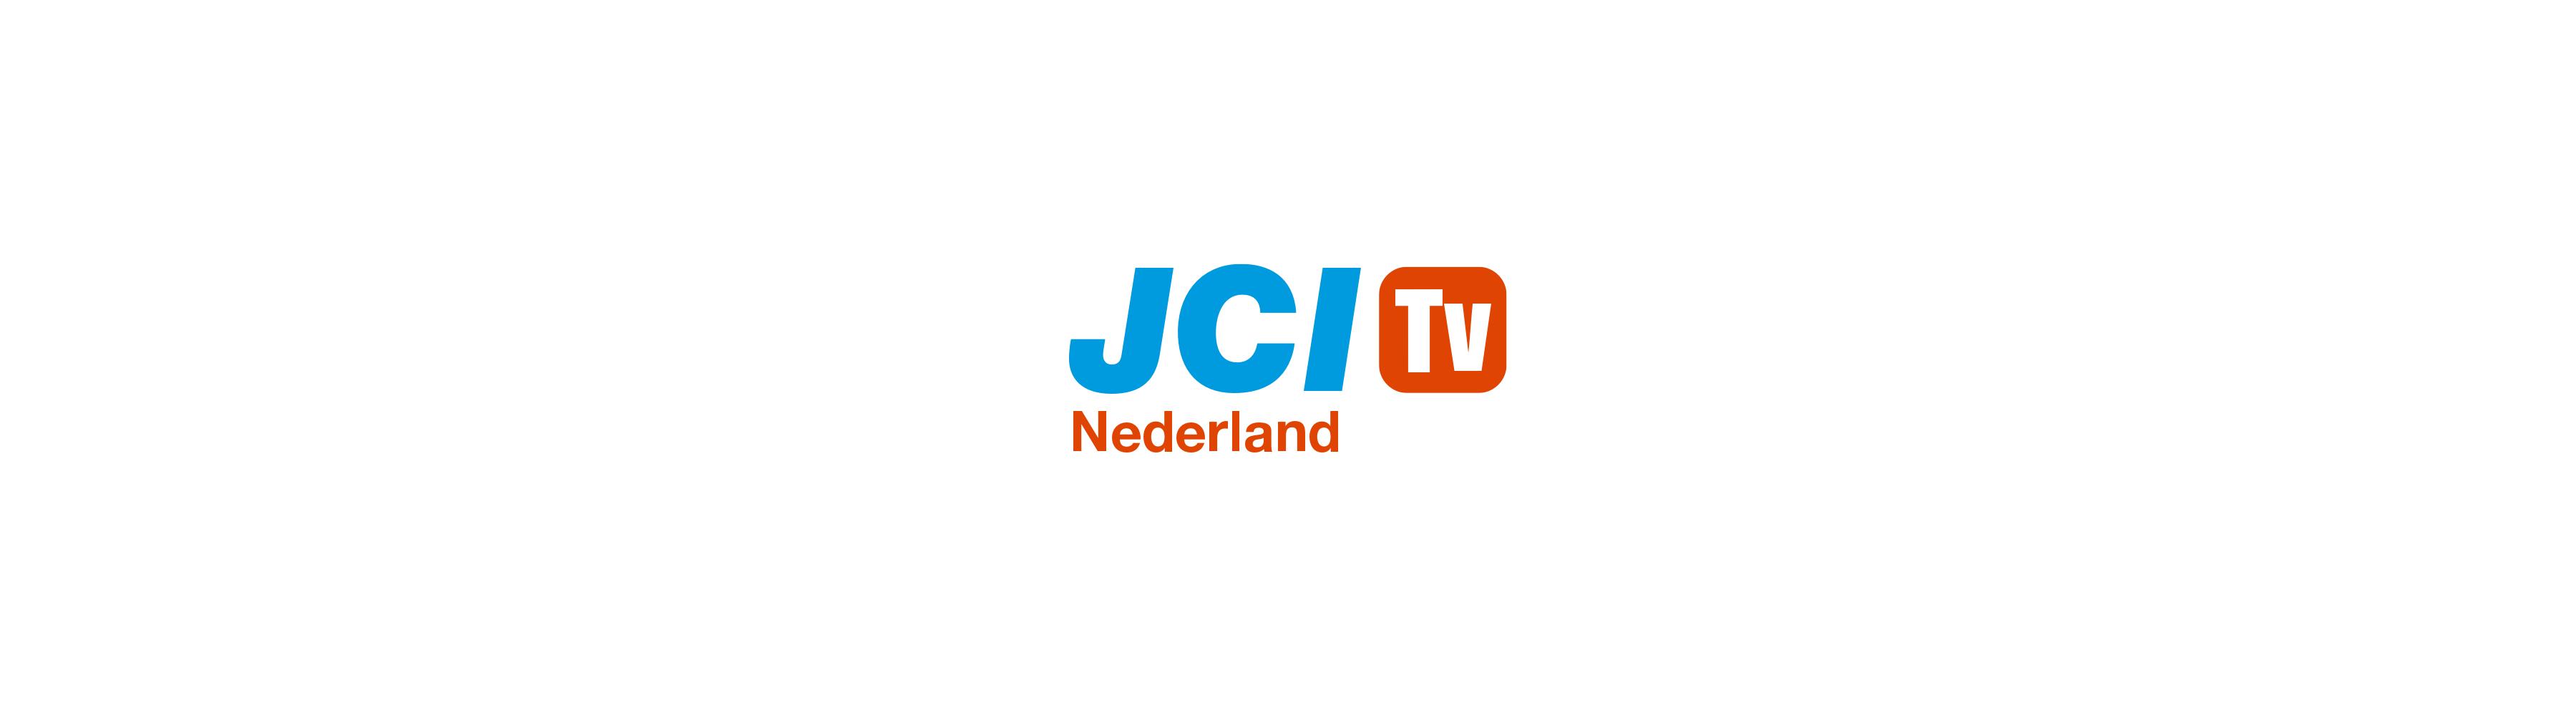 Lancering JCI- tv! Jonge ondernemende personen van netwerkorganisatie JCI Nederland vertellen hun verhaal.